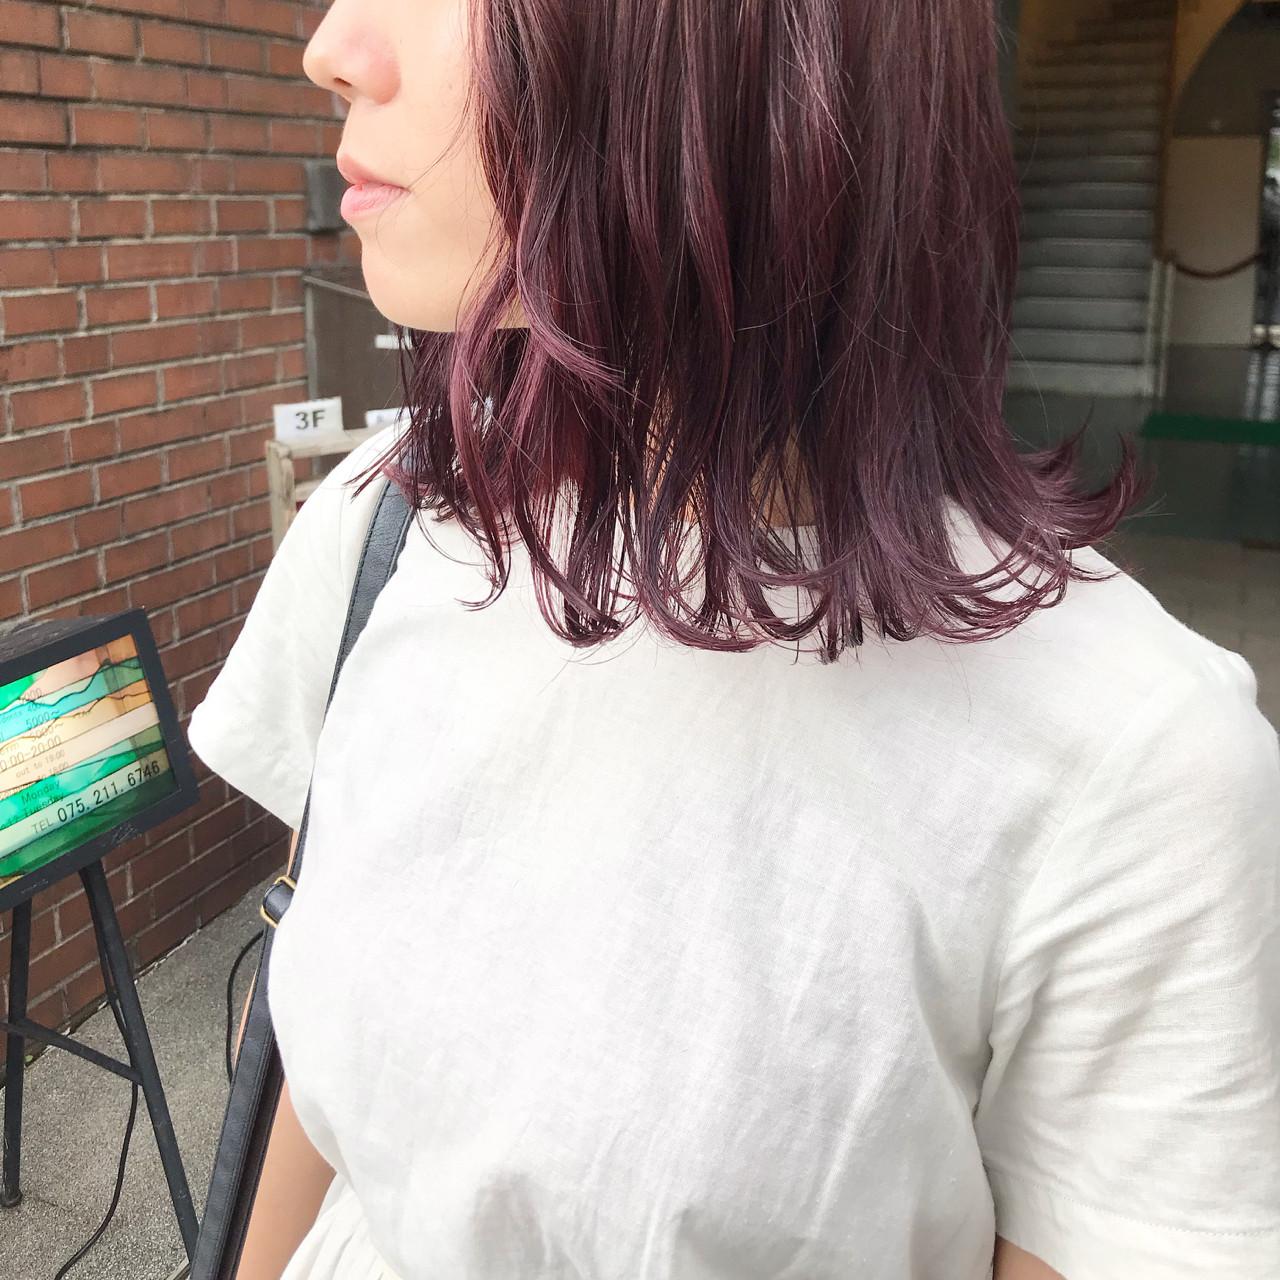 ラベンダーピンク ナチュラル ピンク ベリーピンク ヘアスタイルや髪型の写真・画像 | 難波大和 / fon